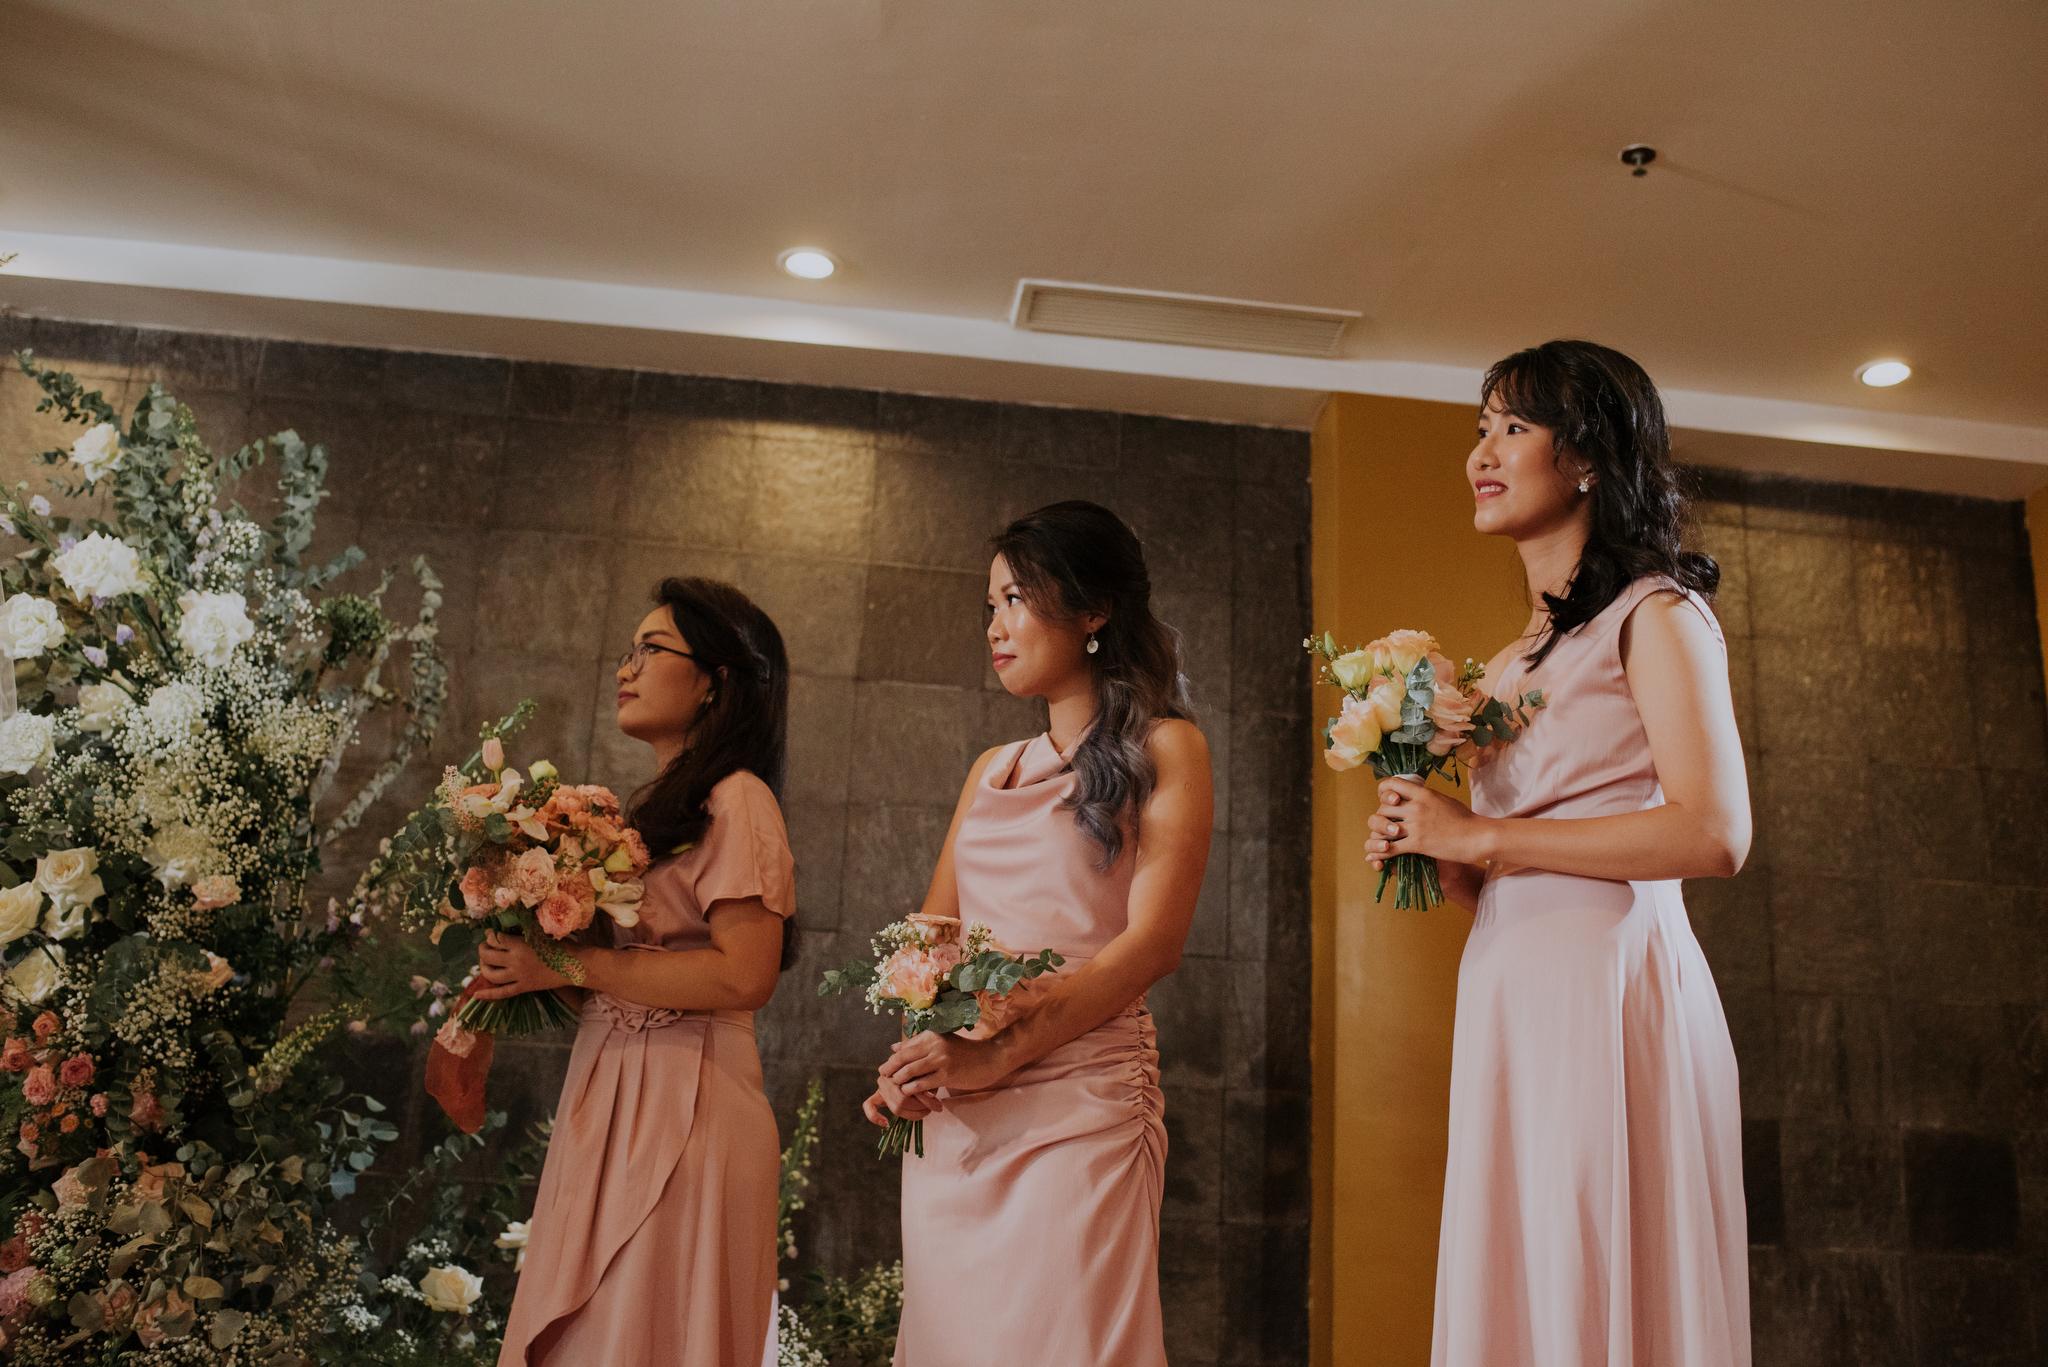 https://huk.s3.amazonaws.com/uploads/image/source/1412/Phuong-Diep-HN-Ceremony-1-0503.JPG